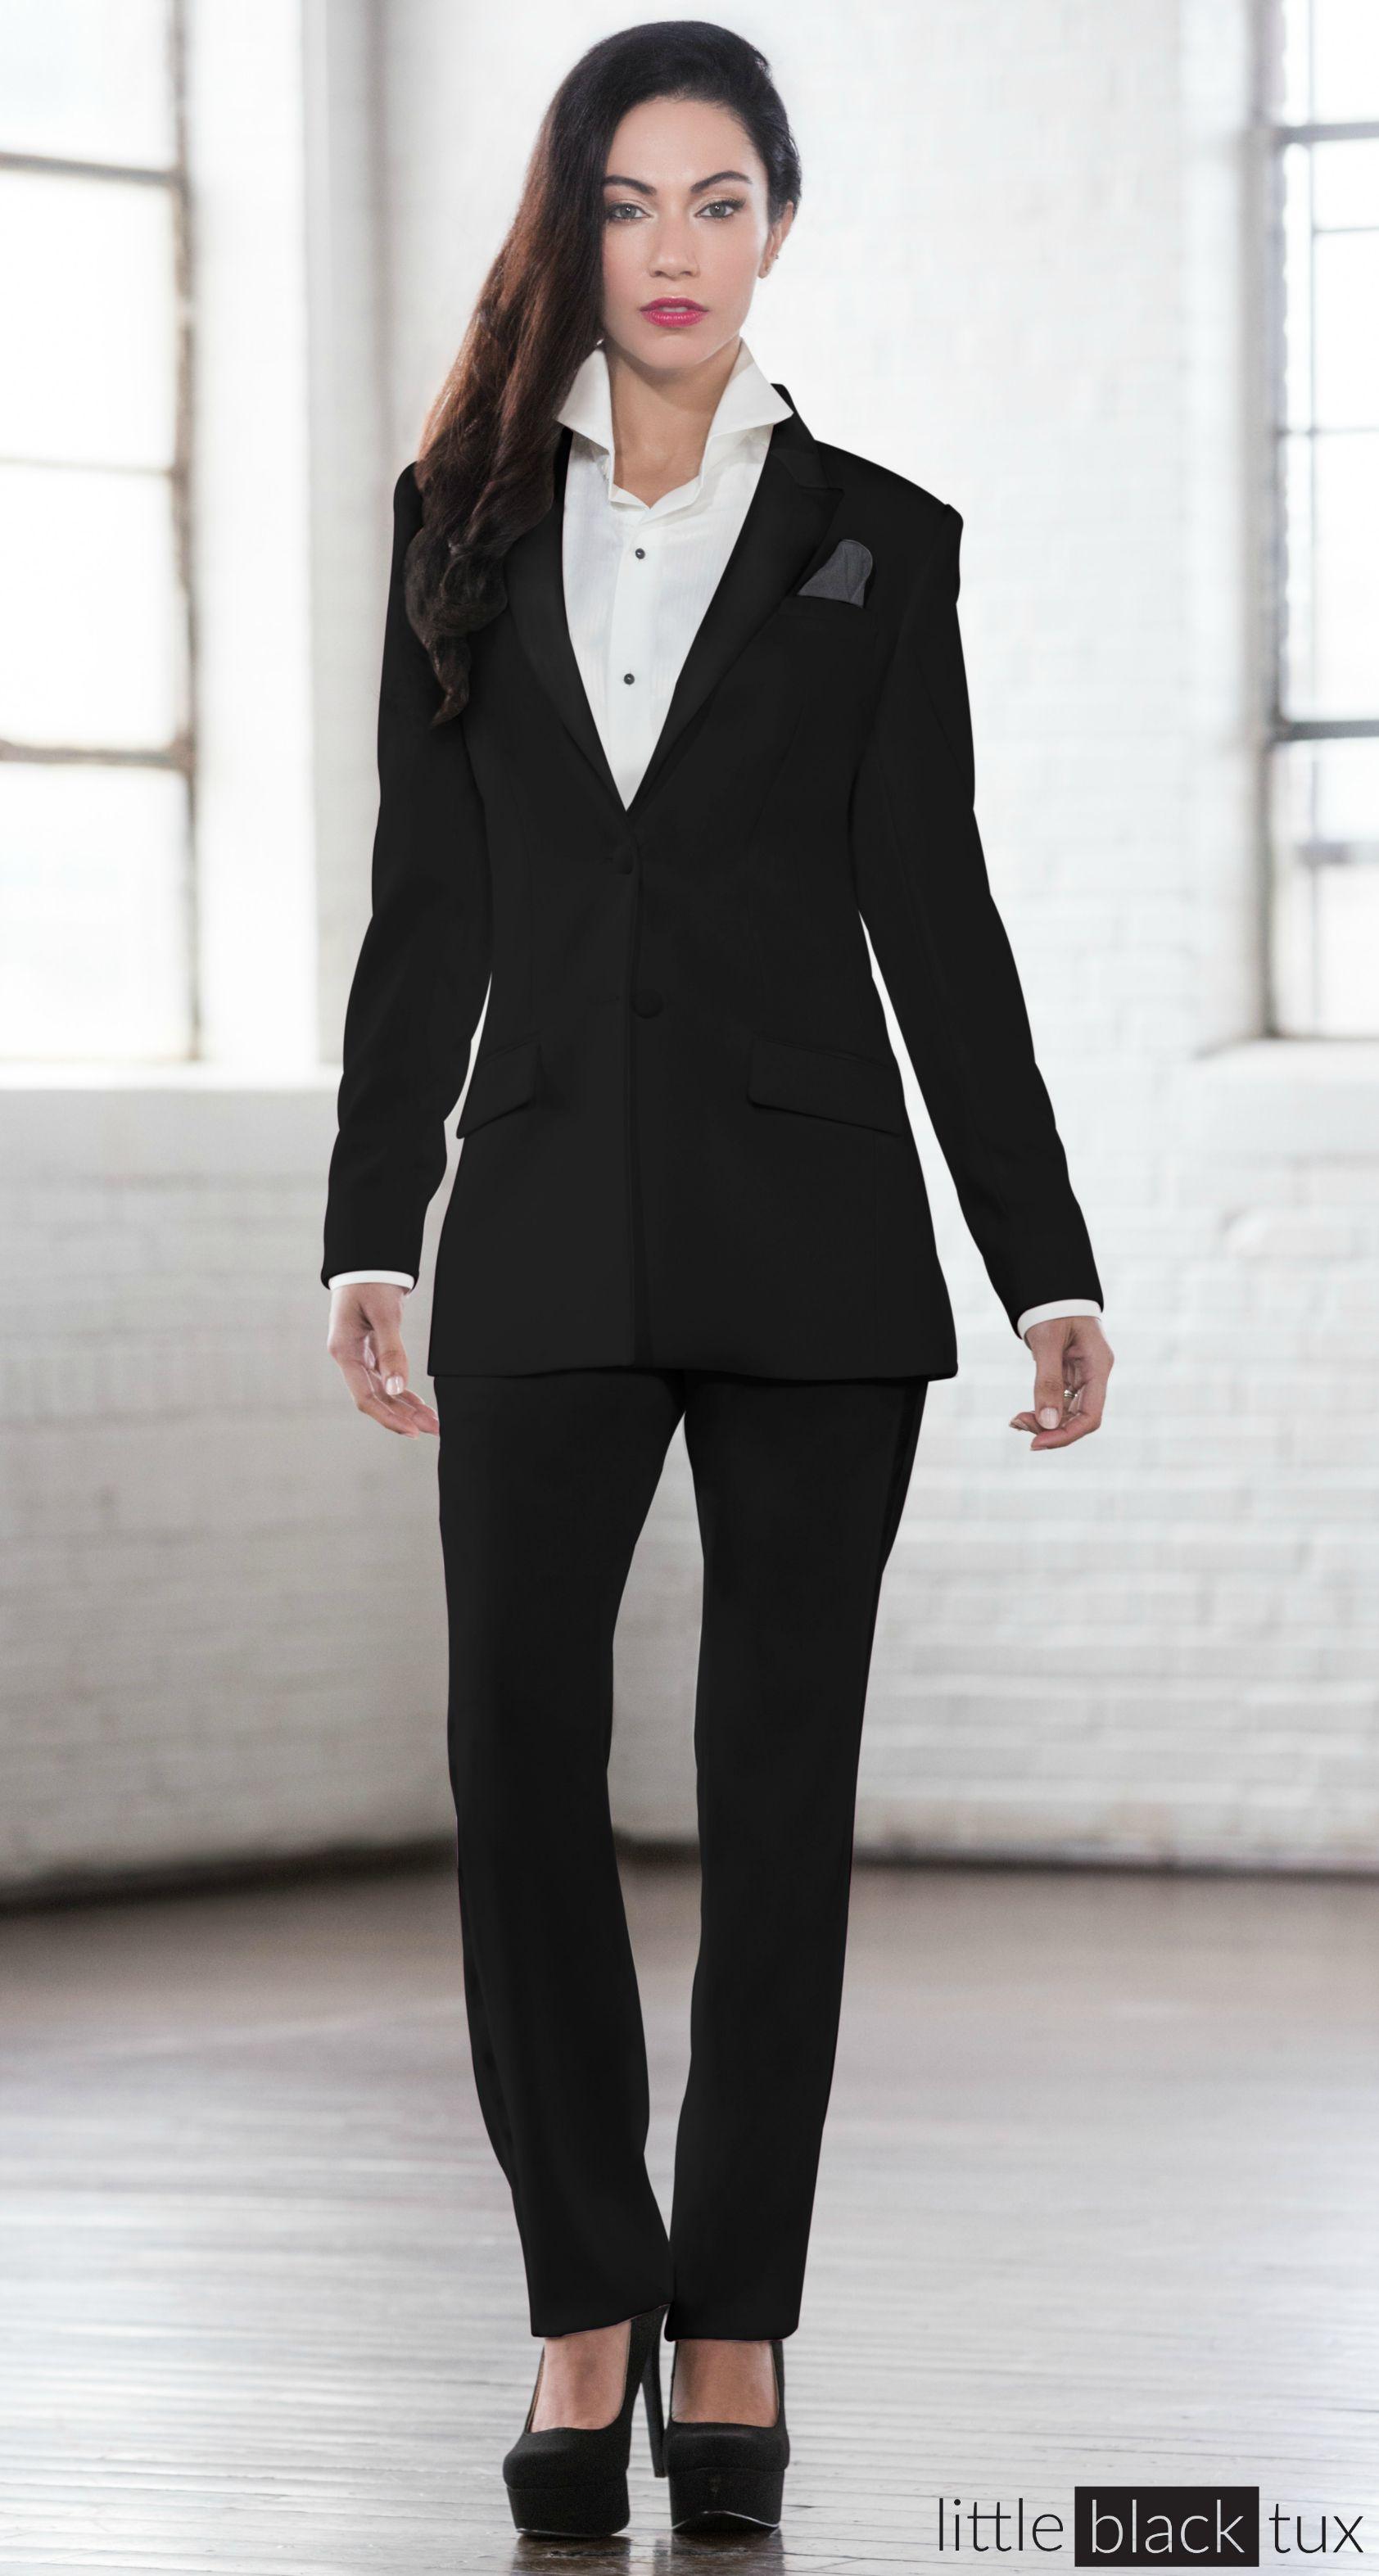 Women S Black Tuxedo Ladytux Peak Lapel Slim Fit Belt Loops Satin Lapel Female Tuxedo Suit Tux Long J Tuxedo Women Lounge Wear Tuxedo Suit For Wedding [ 3146 x 1684 Pixel ]